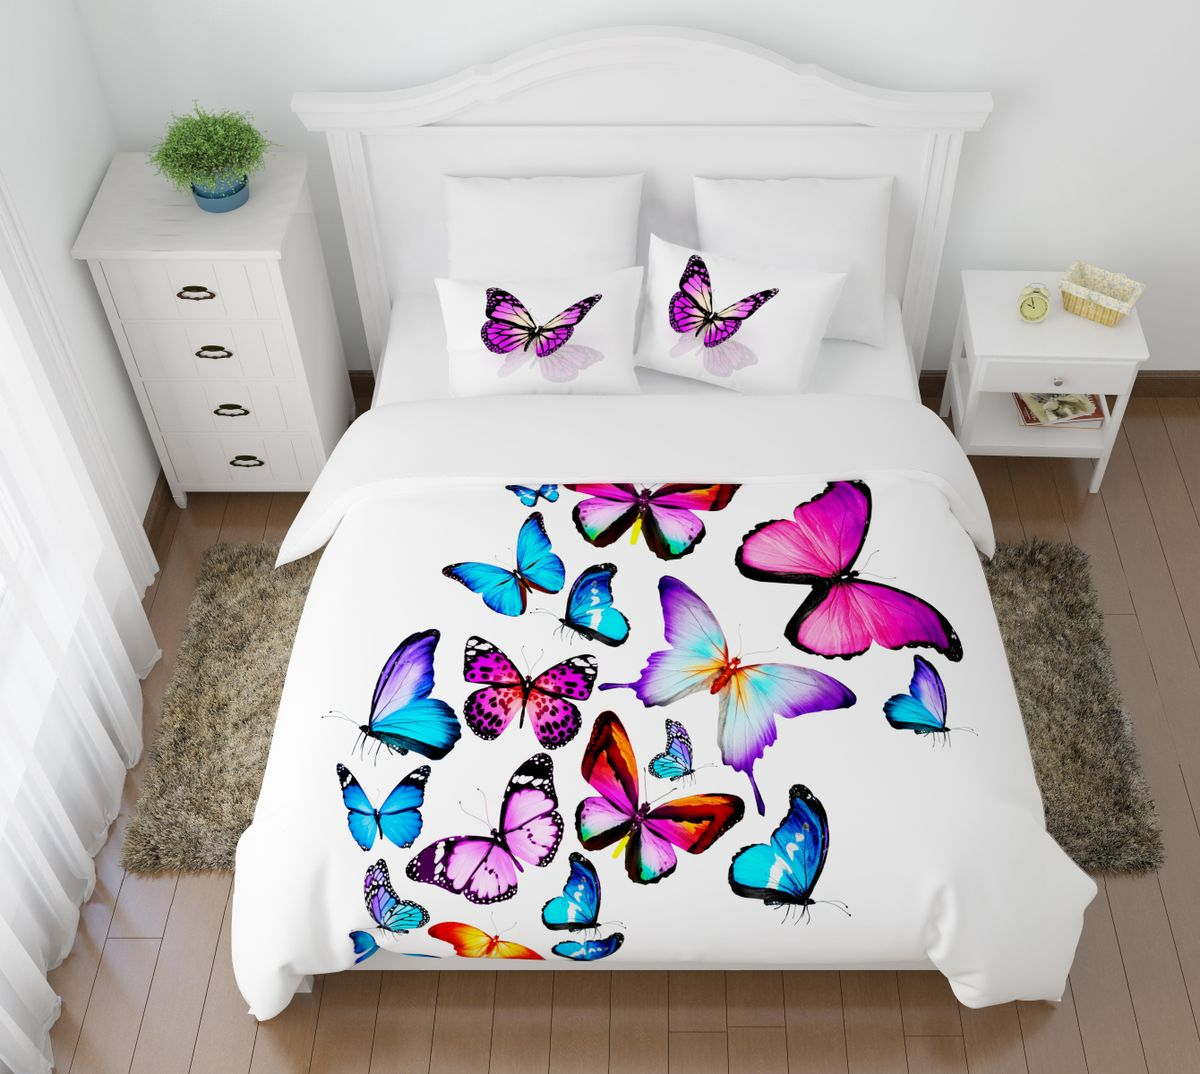 Комплект белья Сирень Яркие бабочки, семейный, наволочки 50х70, 70х70FD 992Комплект постельного белья Сирень выполнен из прочной и мягкой ткани. Четкий и стильный рисунок в сочетании с насыщенными красками делают комплект постельного белья неповторимой изюминкой любого интерьера.Постельное белье идеально подойдет для подарка. Идеальное соотношение смешенной ткани и гипоаллергенных красок - это гарантия здорового, спокойного сна. Ткань хорошо впитывает влагу, надолго сохраняет яркость красок.В комплект входят: простынь, два пододеяльника, четыре наволочки. Постельное белье легко стирать при 30-40°С, гладить при 150°С, не отбеливать. Рекомендуется перед первым использованием постирать.УВАЖАЕМЫЕ КЛИЕНТЫ! Обращаем ваше внимание, что цвет простыни, пододеяльника, наволочки в комплектации может немного отличаться от представленного на фото.